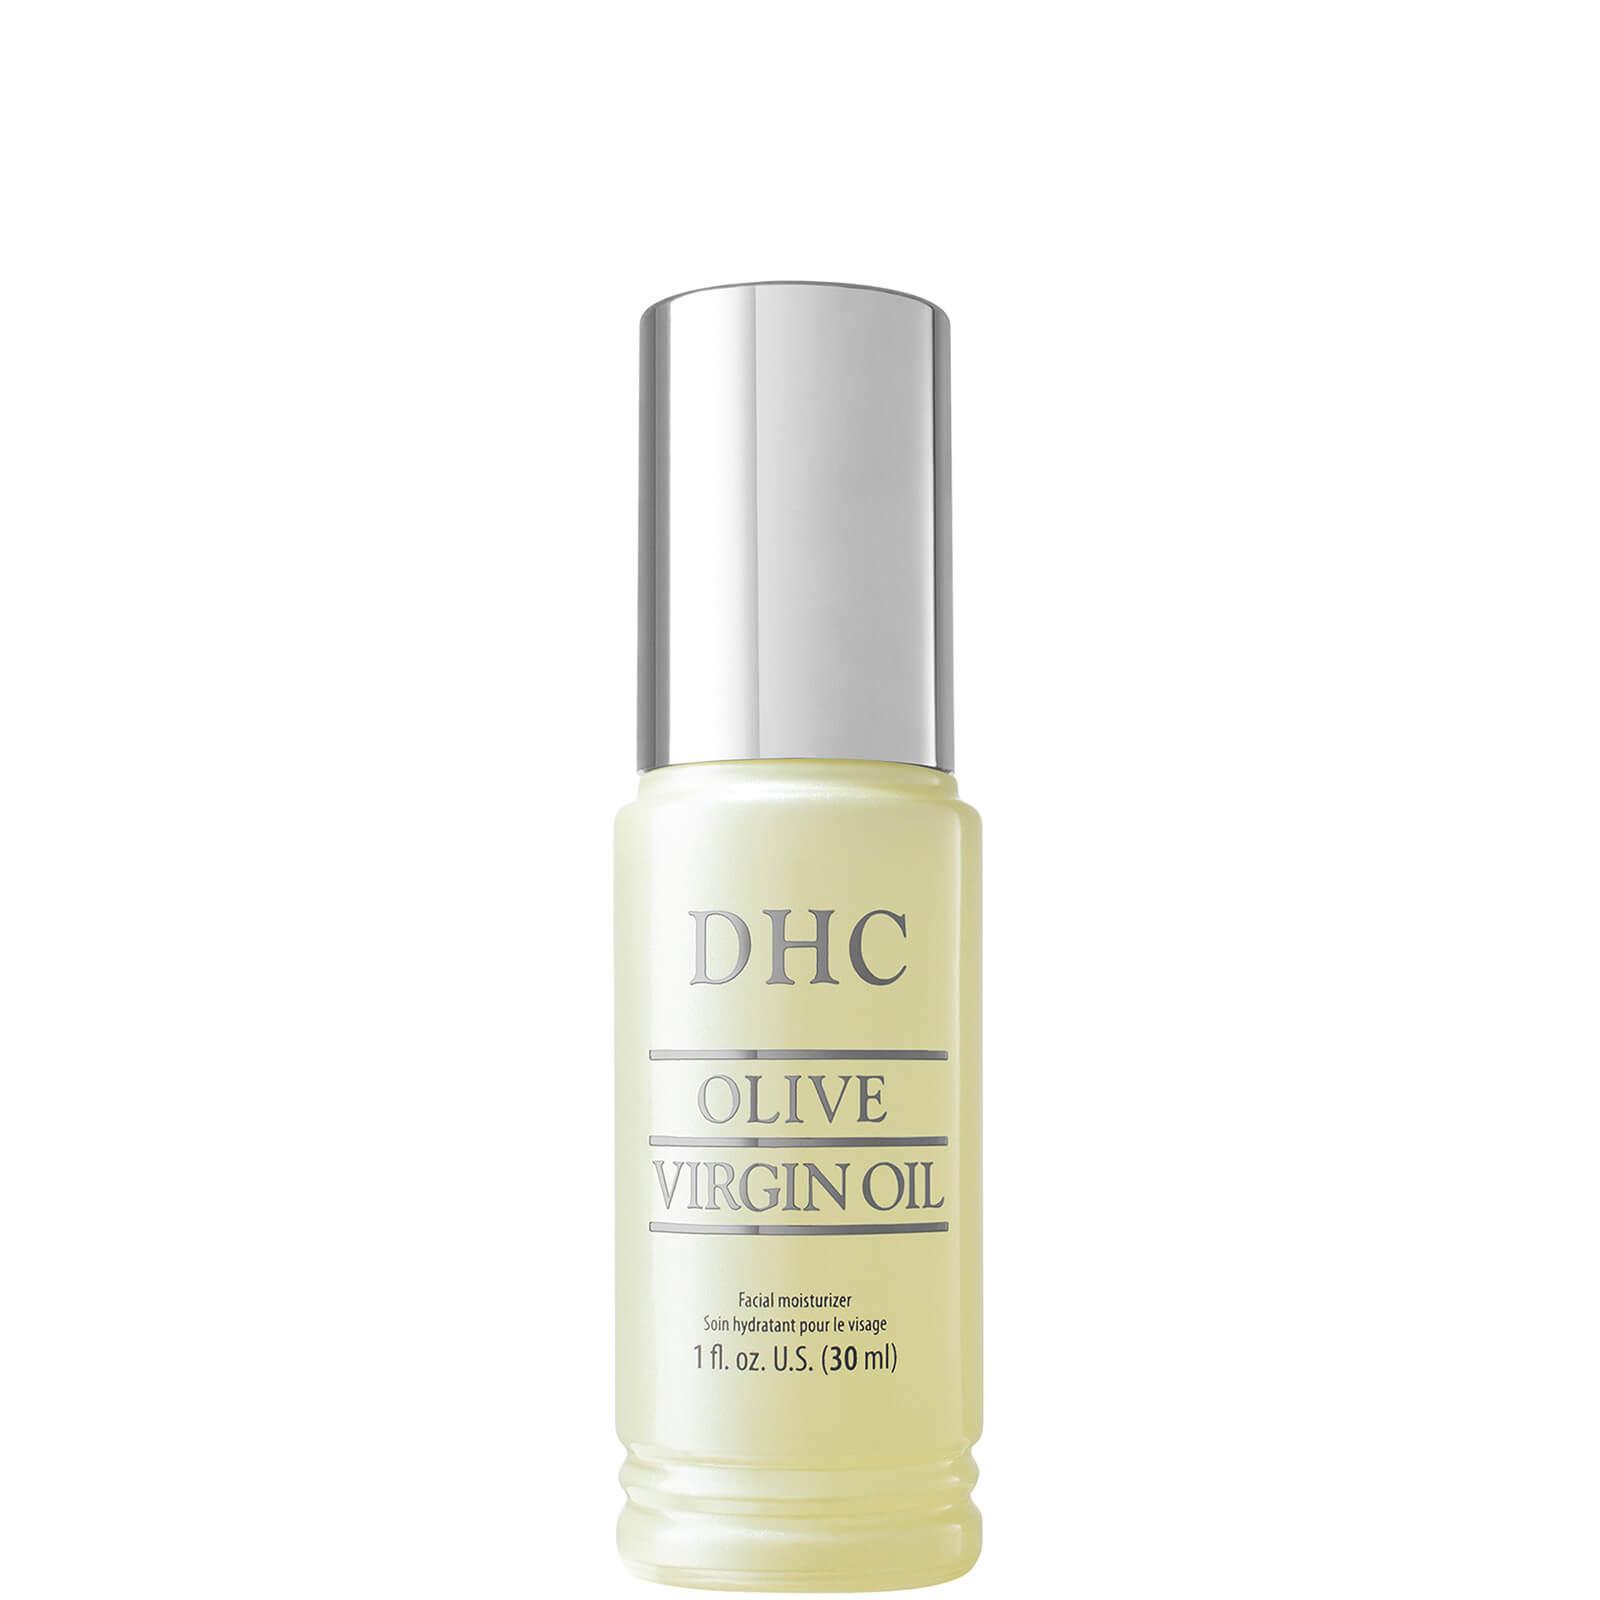 DHC Olive Virgin Oil (30ml)